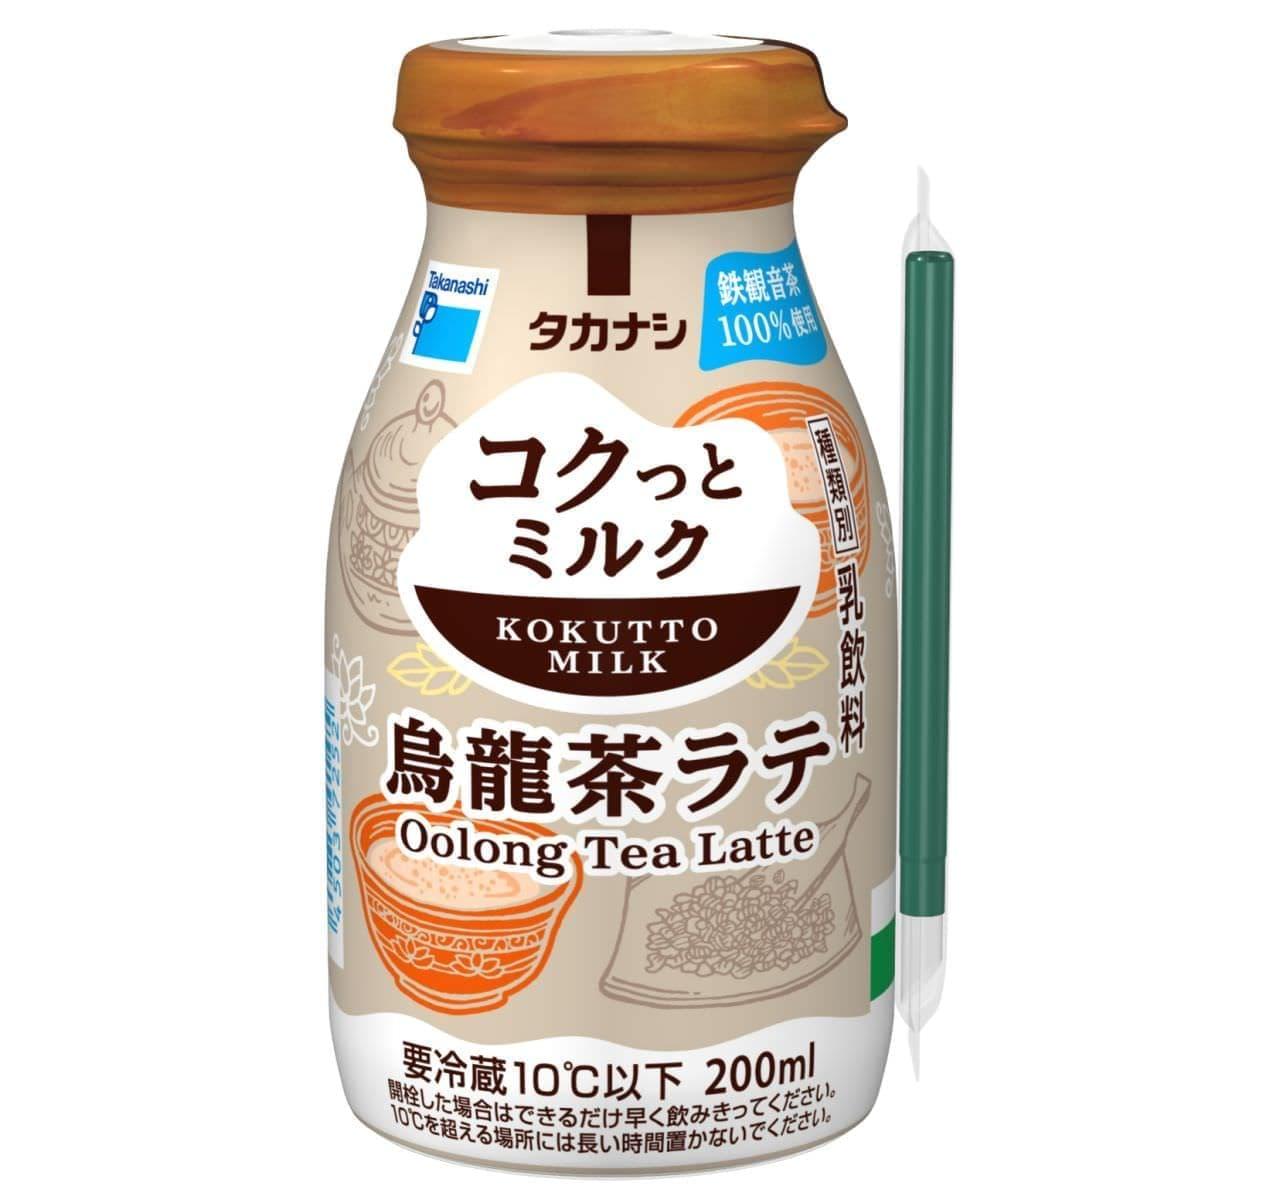 タカナシ乳業「タカナシ コクっとミルク 烏龍茶ラテ」